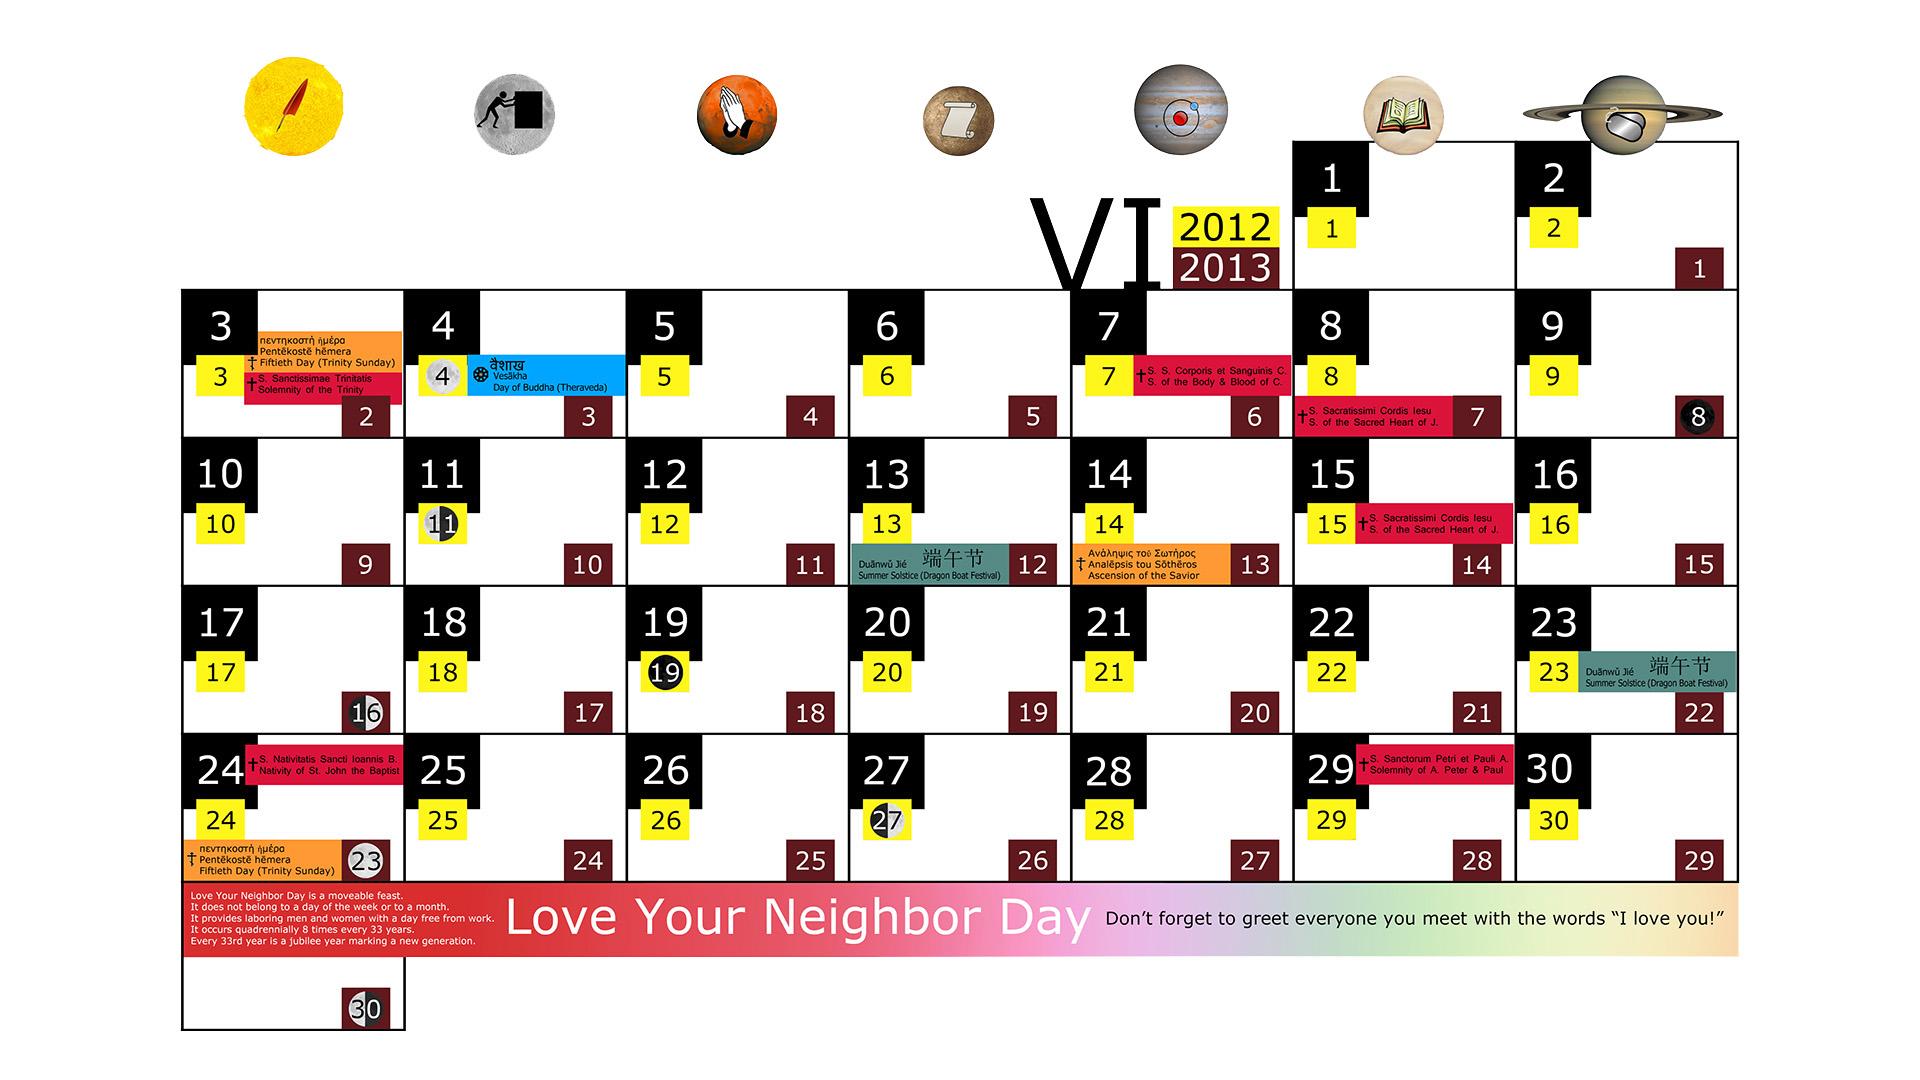 Miesięczny kalendarz świąt na czerwiec 2012 and 2013 na białym tle